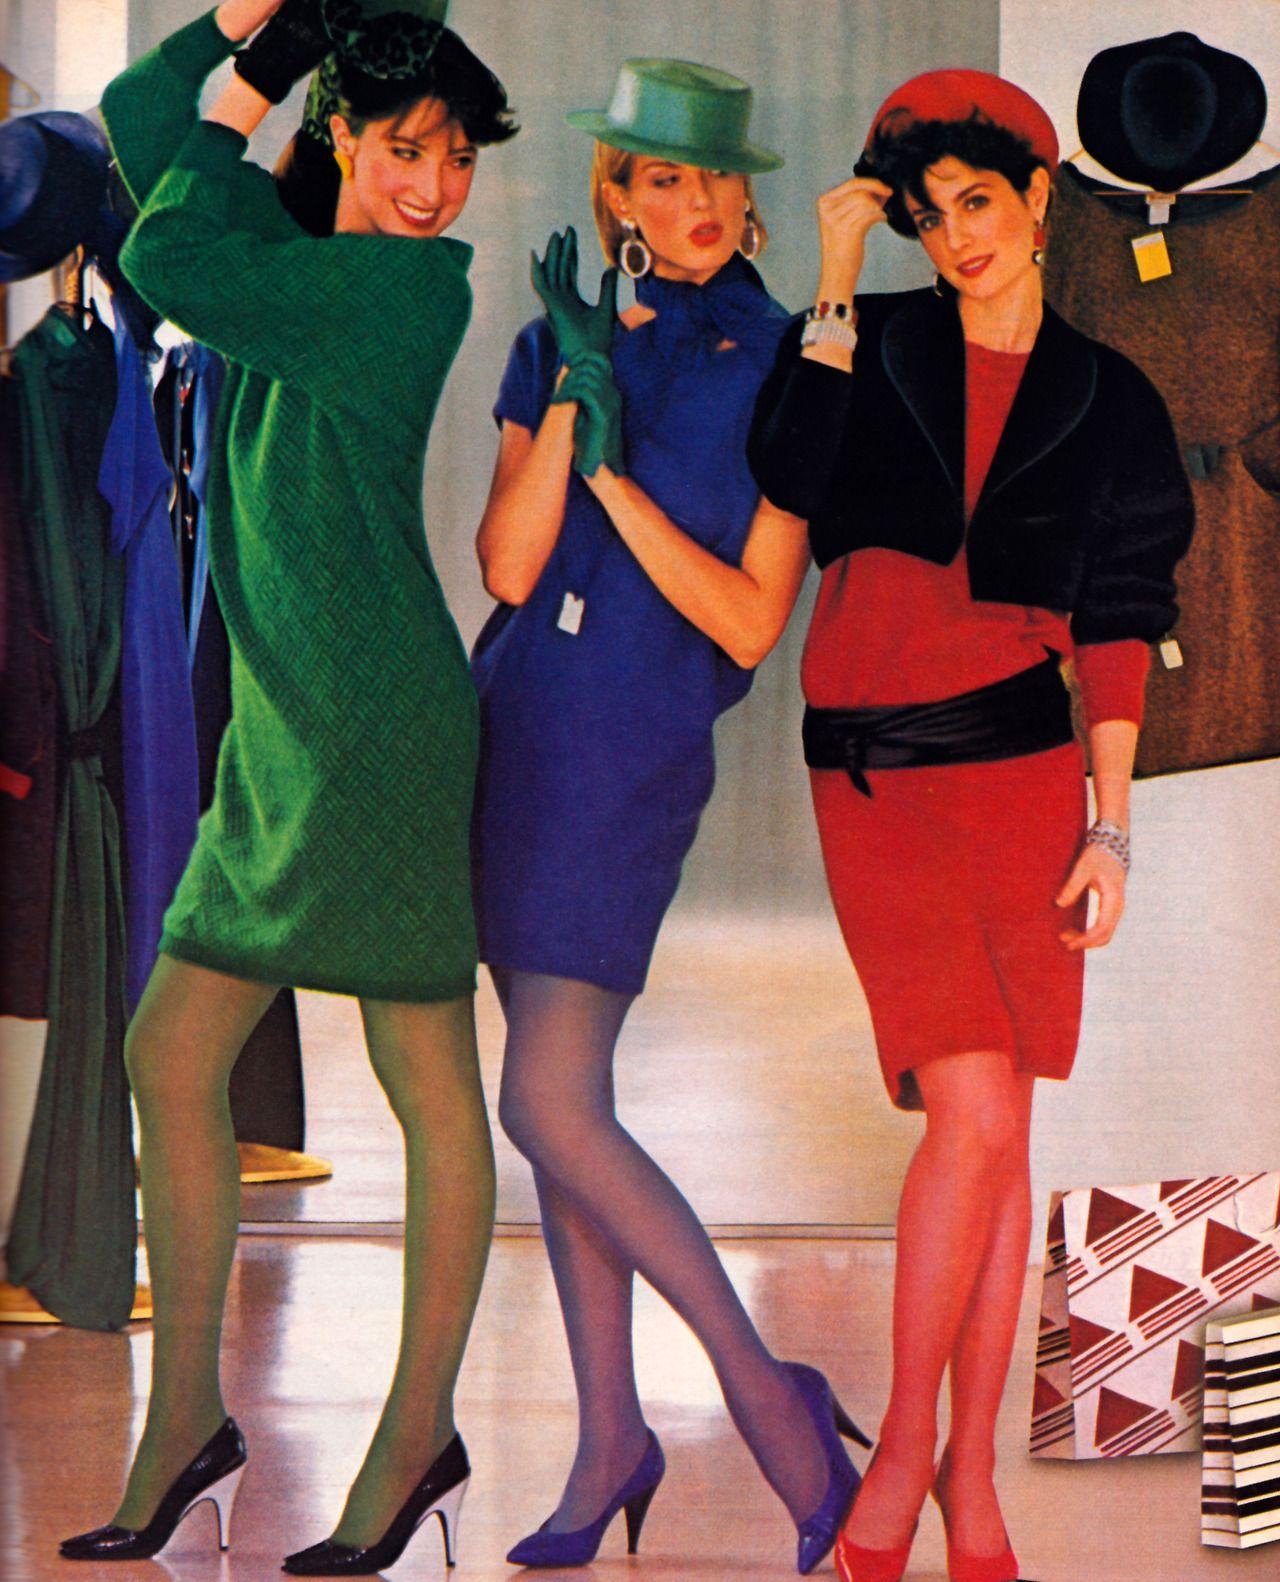 Hanes mademoiselle magazine september 1984 80s glam 80er mode und mode - 80er damenmode ...